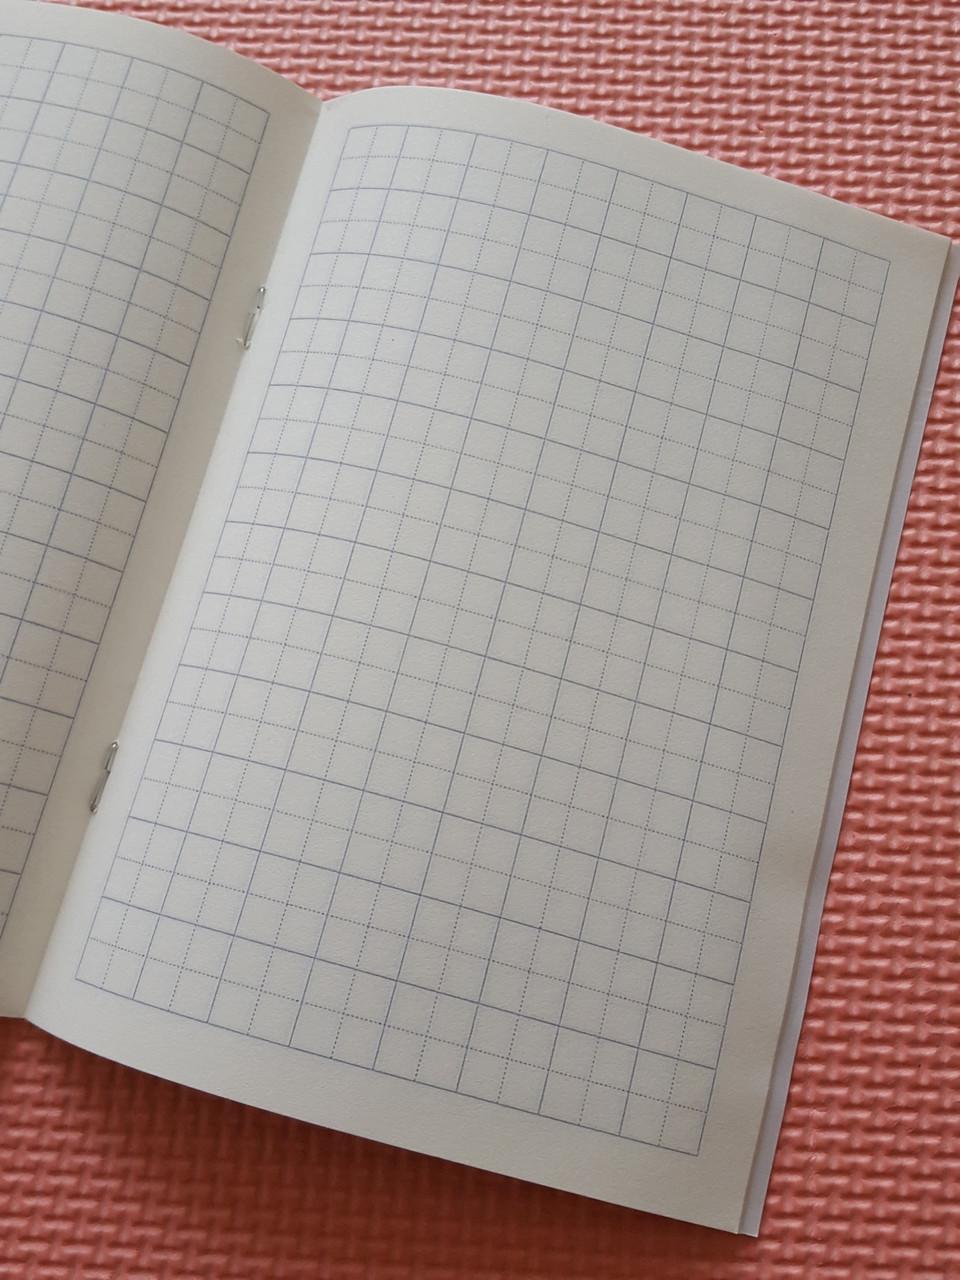 Зошит для написання ієрогліфів. Клітка 13 мм з межею. 2688 клітин